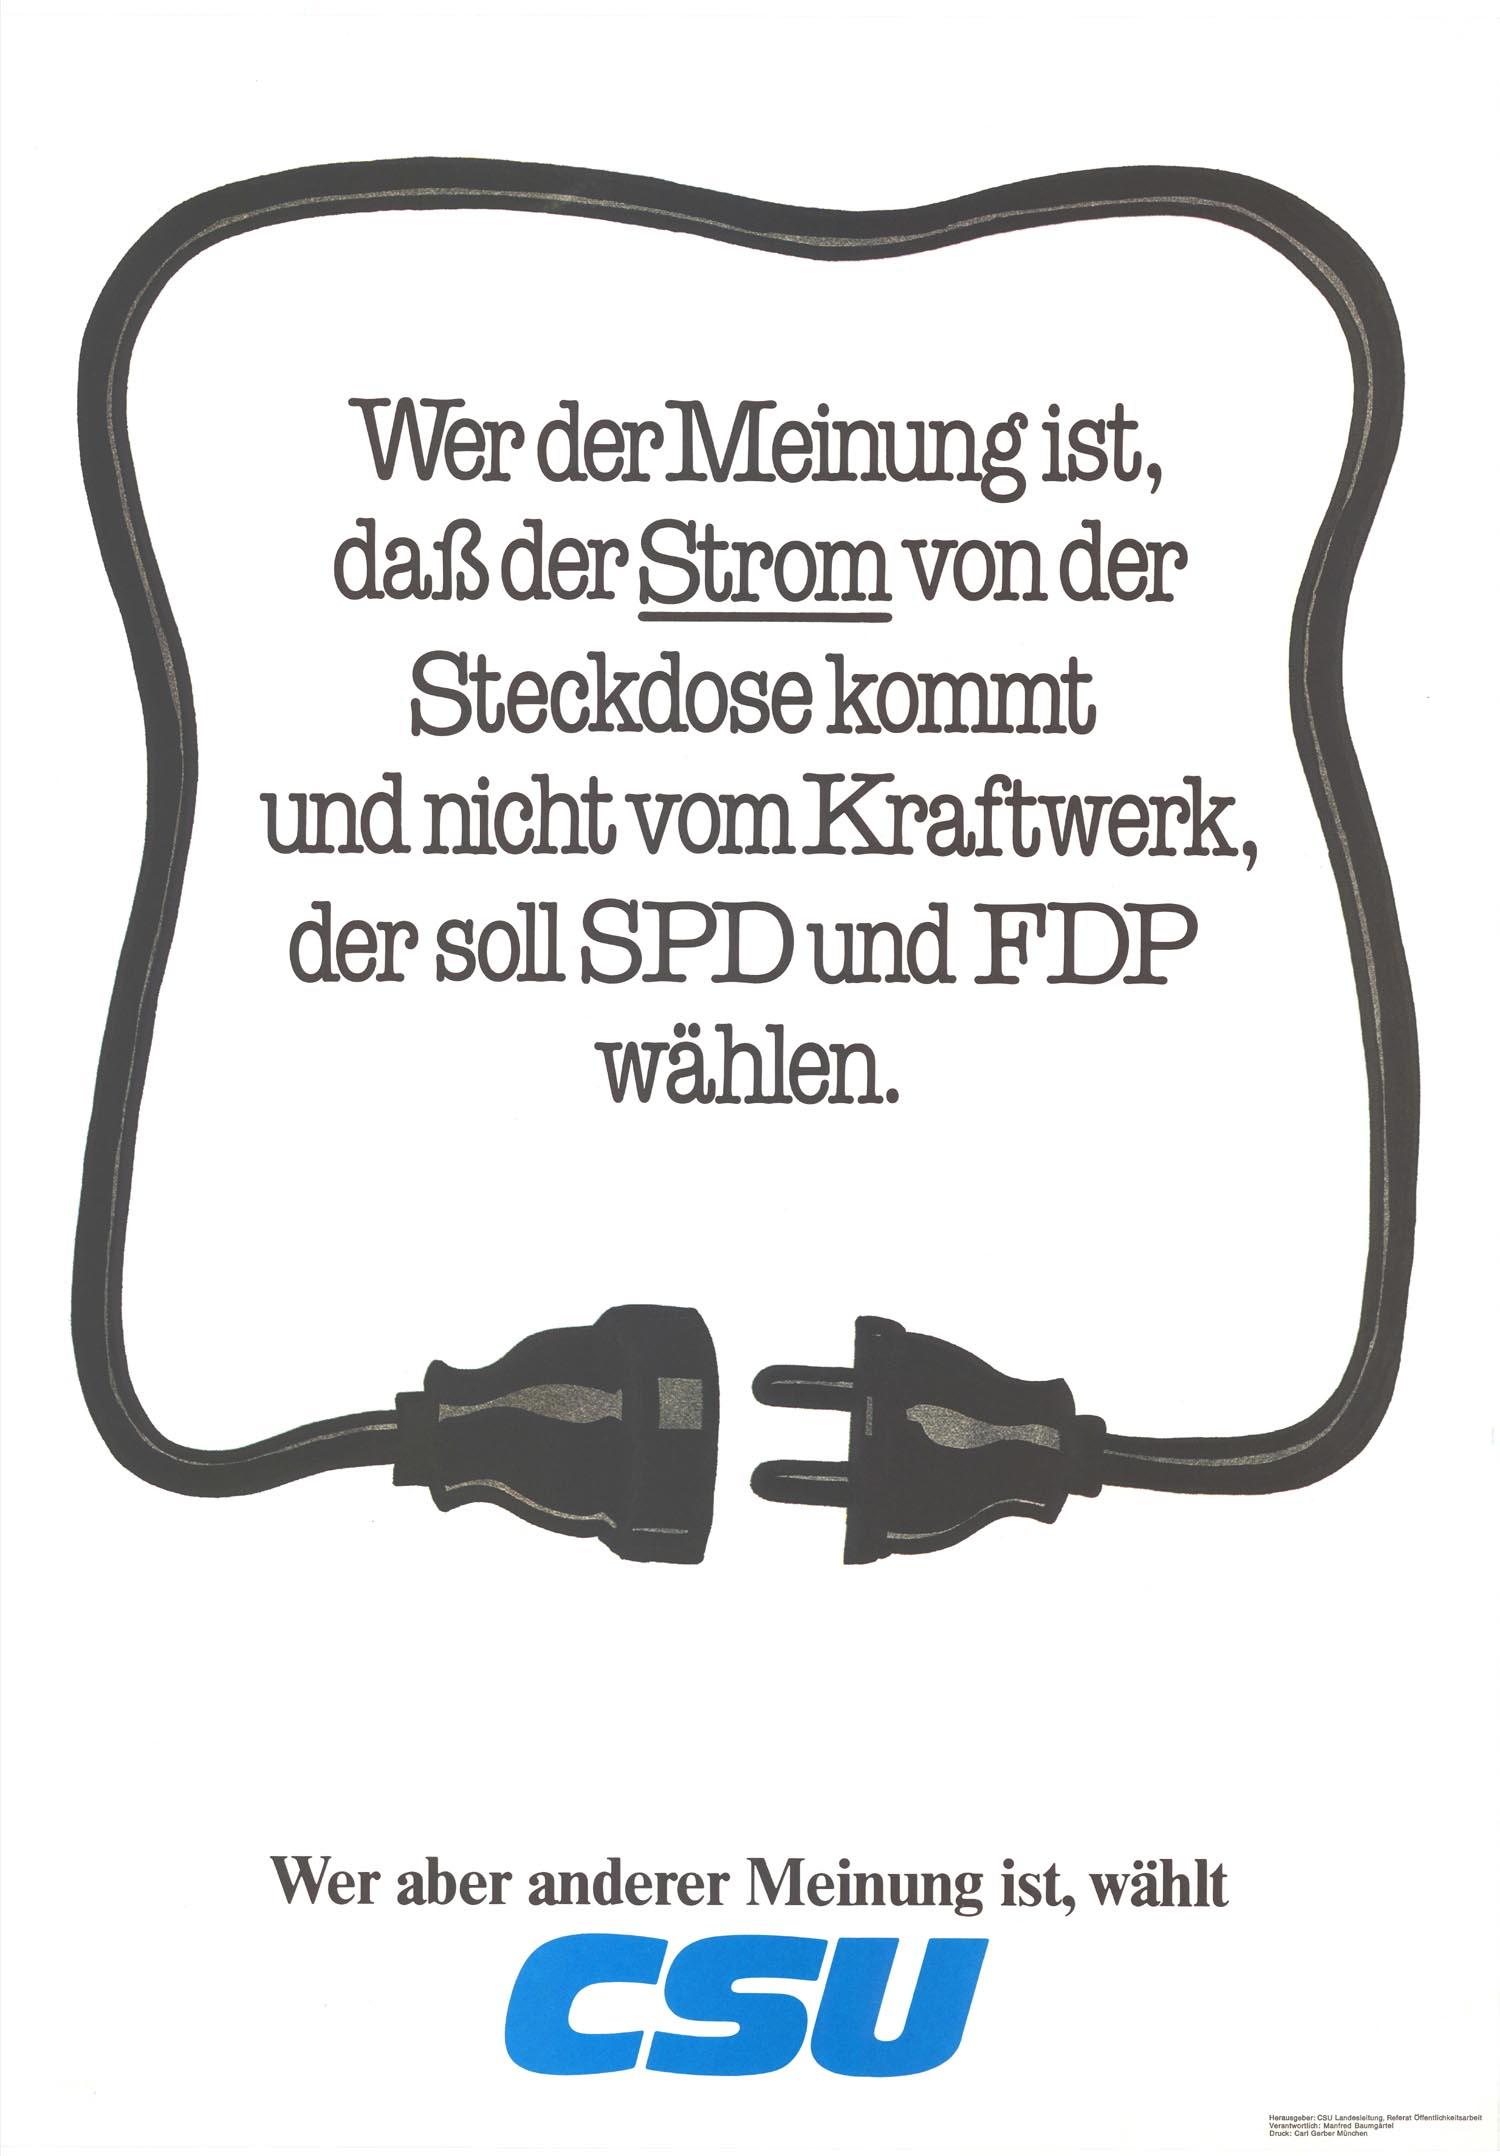 Wer der Meinung ist, daß der Strom von der Steckdose kommt und nicht vom Kraftwerk, der soll SPD und FDP wählen. Wer aber anderer Meinung ist, wählt CSU